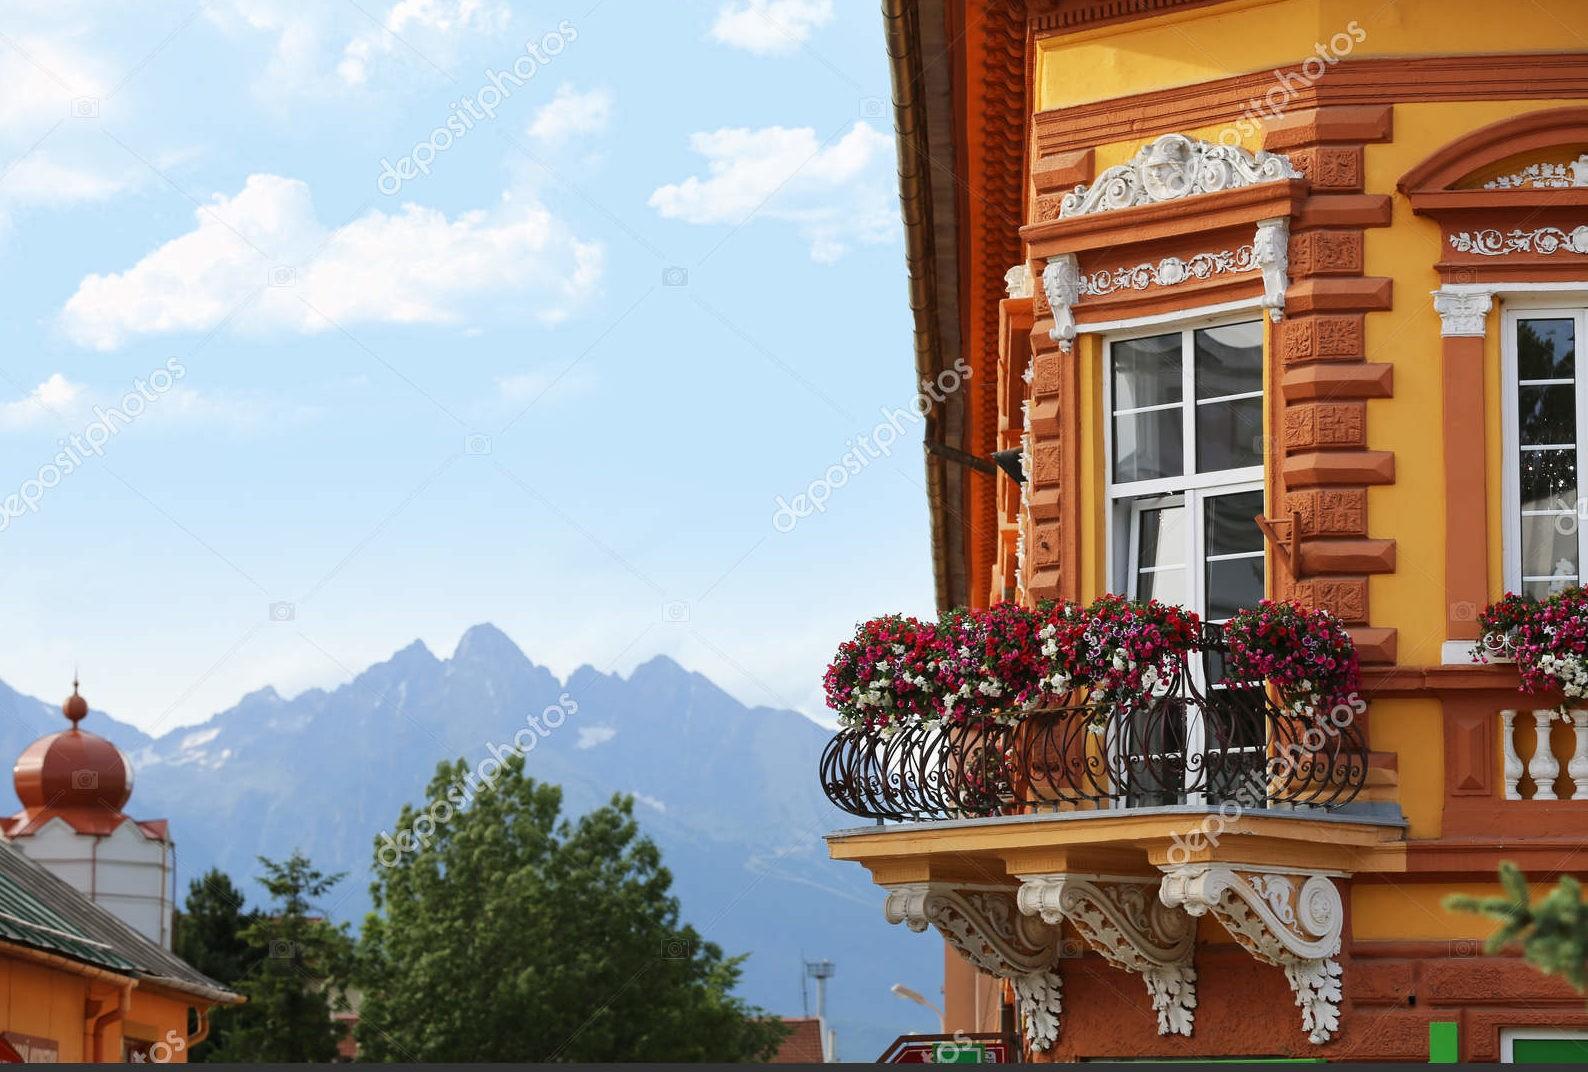 Балкон с цветами, Словакия